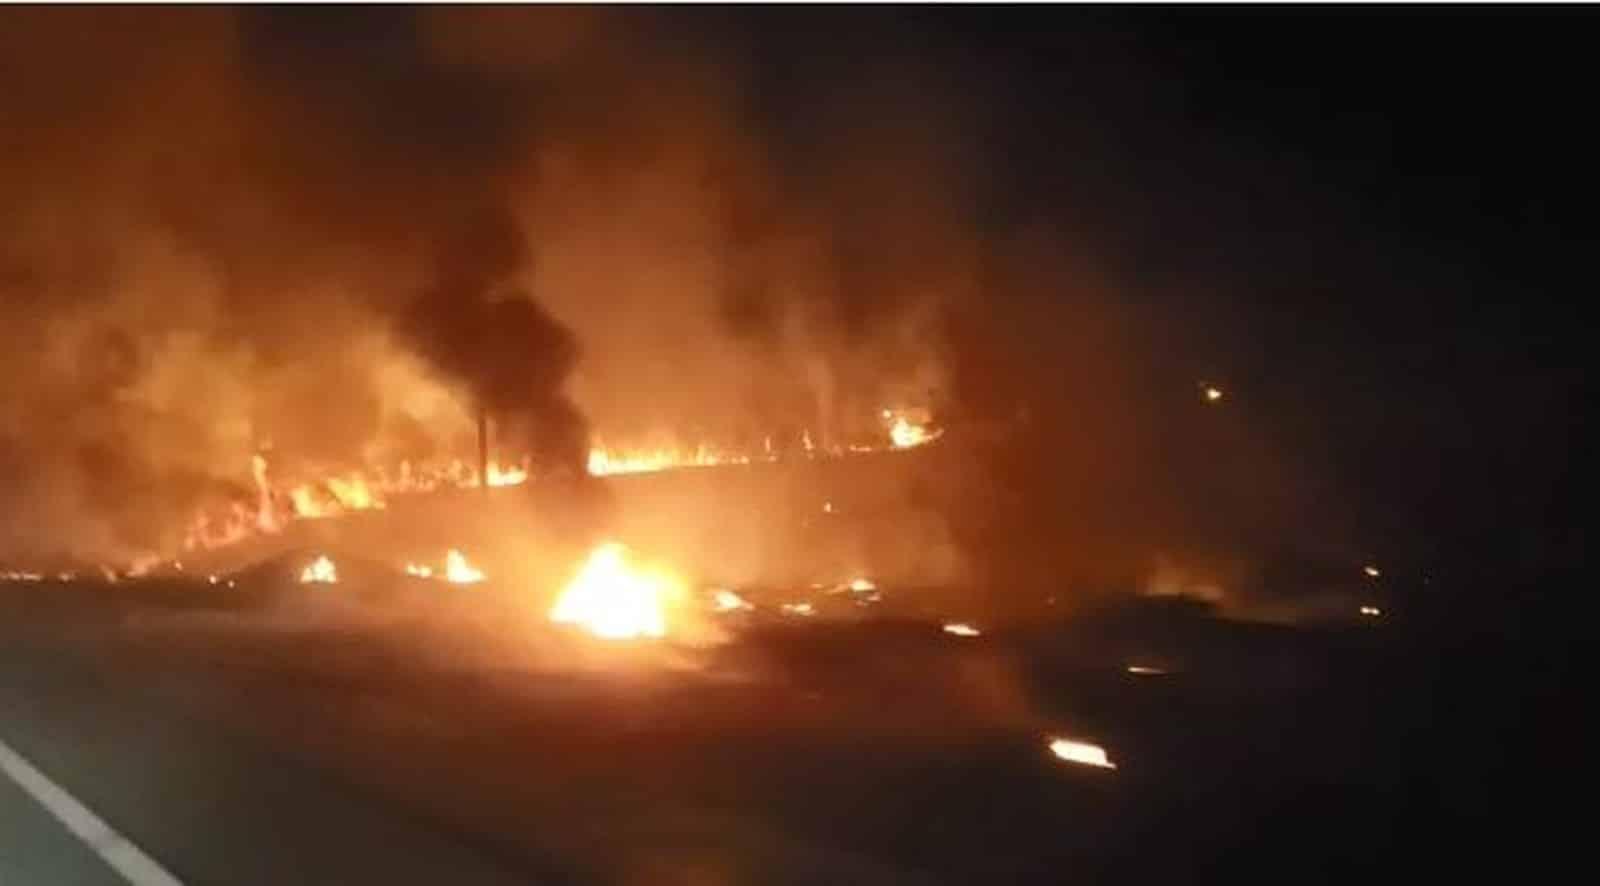 Incêndio em mata às margens da rodovia prejudicou a visibilidade dos motoristas em rodovia de Marília — Foto: Claúdio Farneres/TV TEM